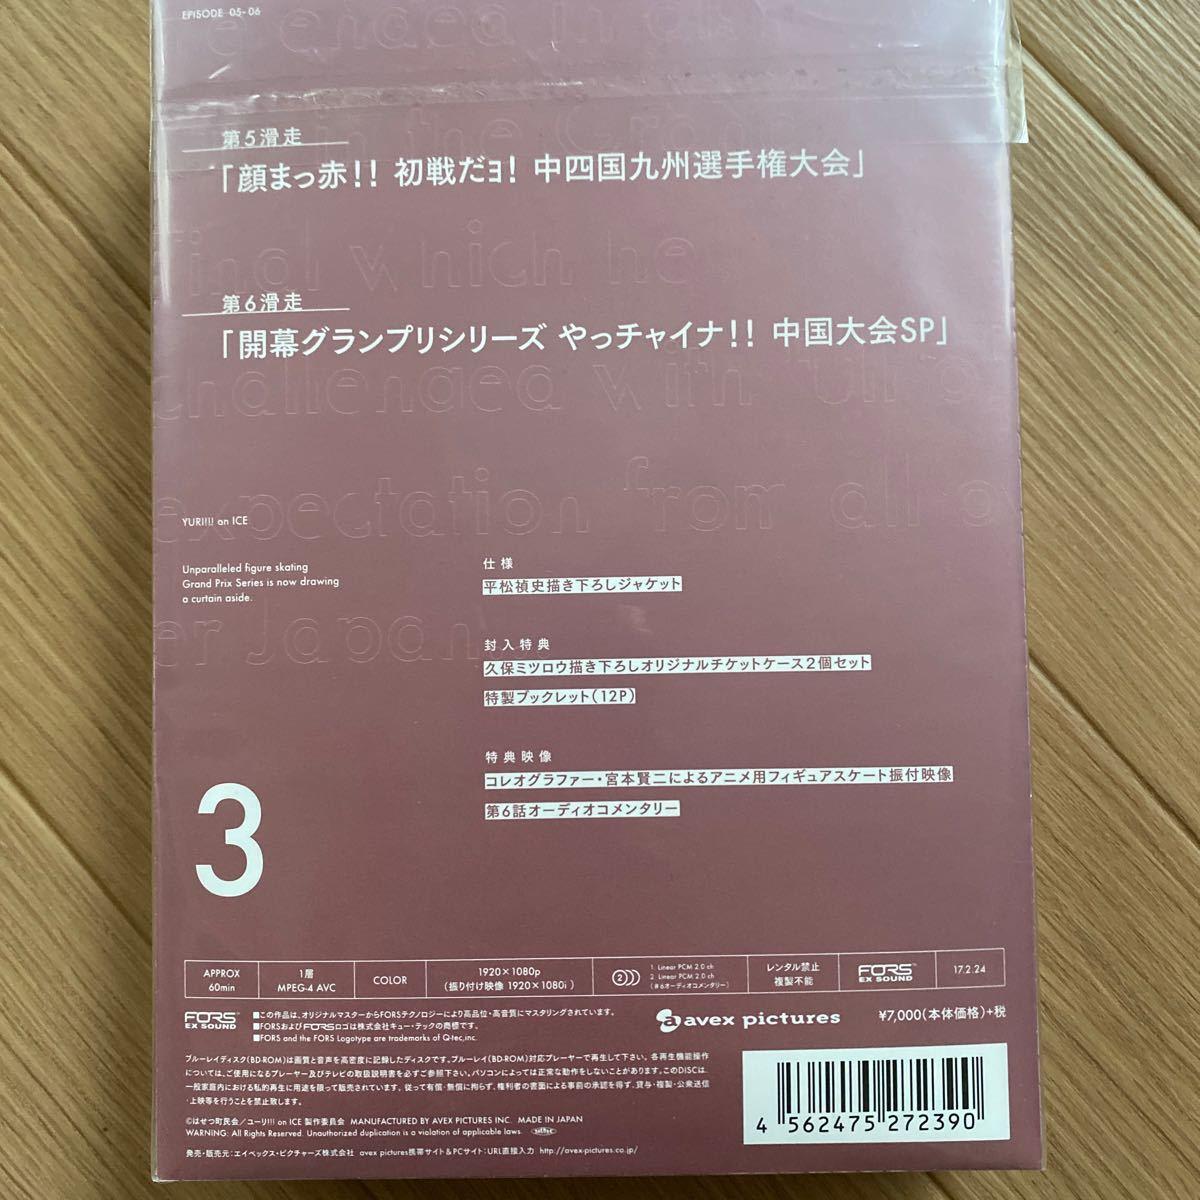 ユーリ!!! on ICE Blu-ray3 初回盤